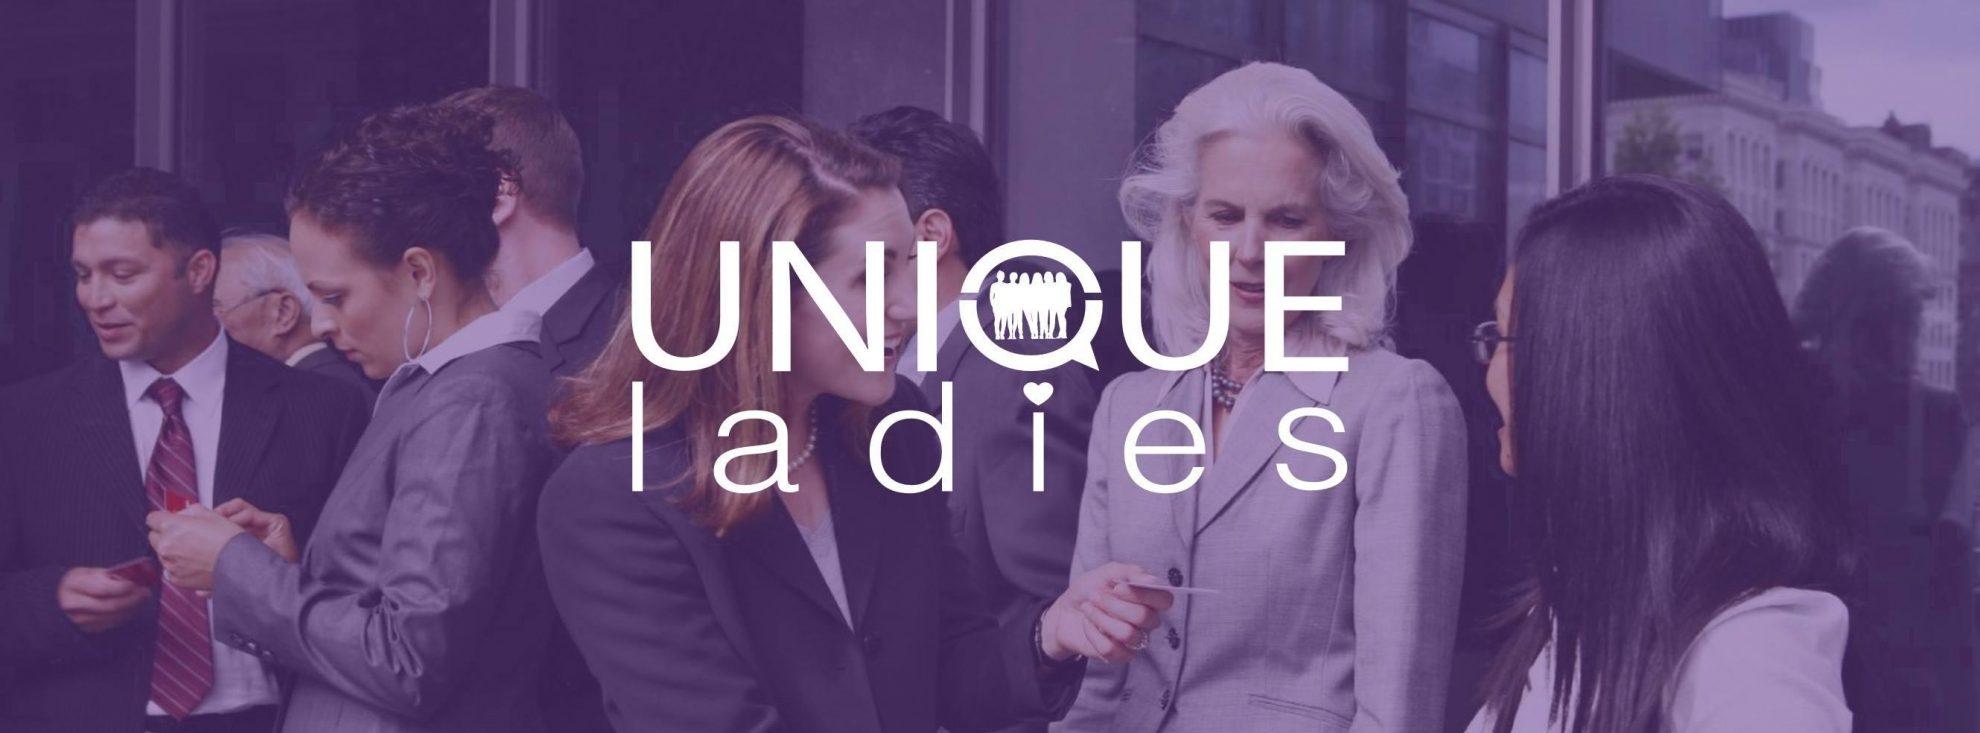 Unique Ladies business networking